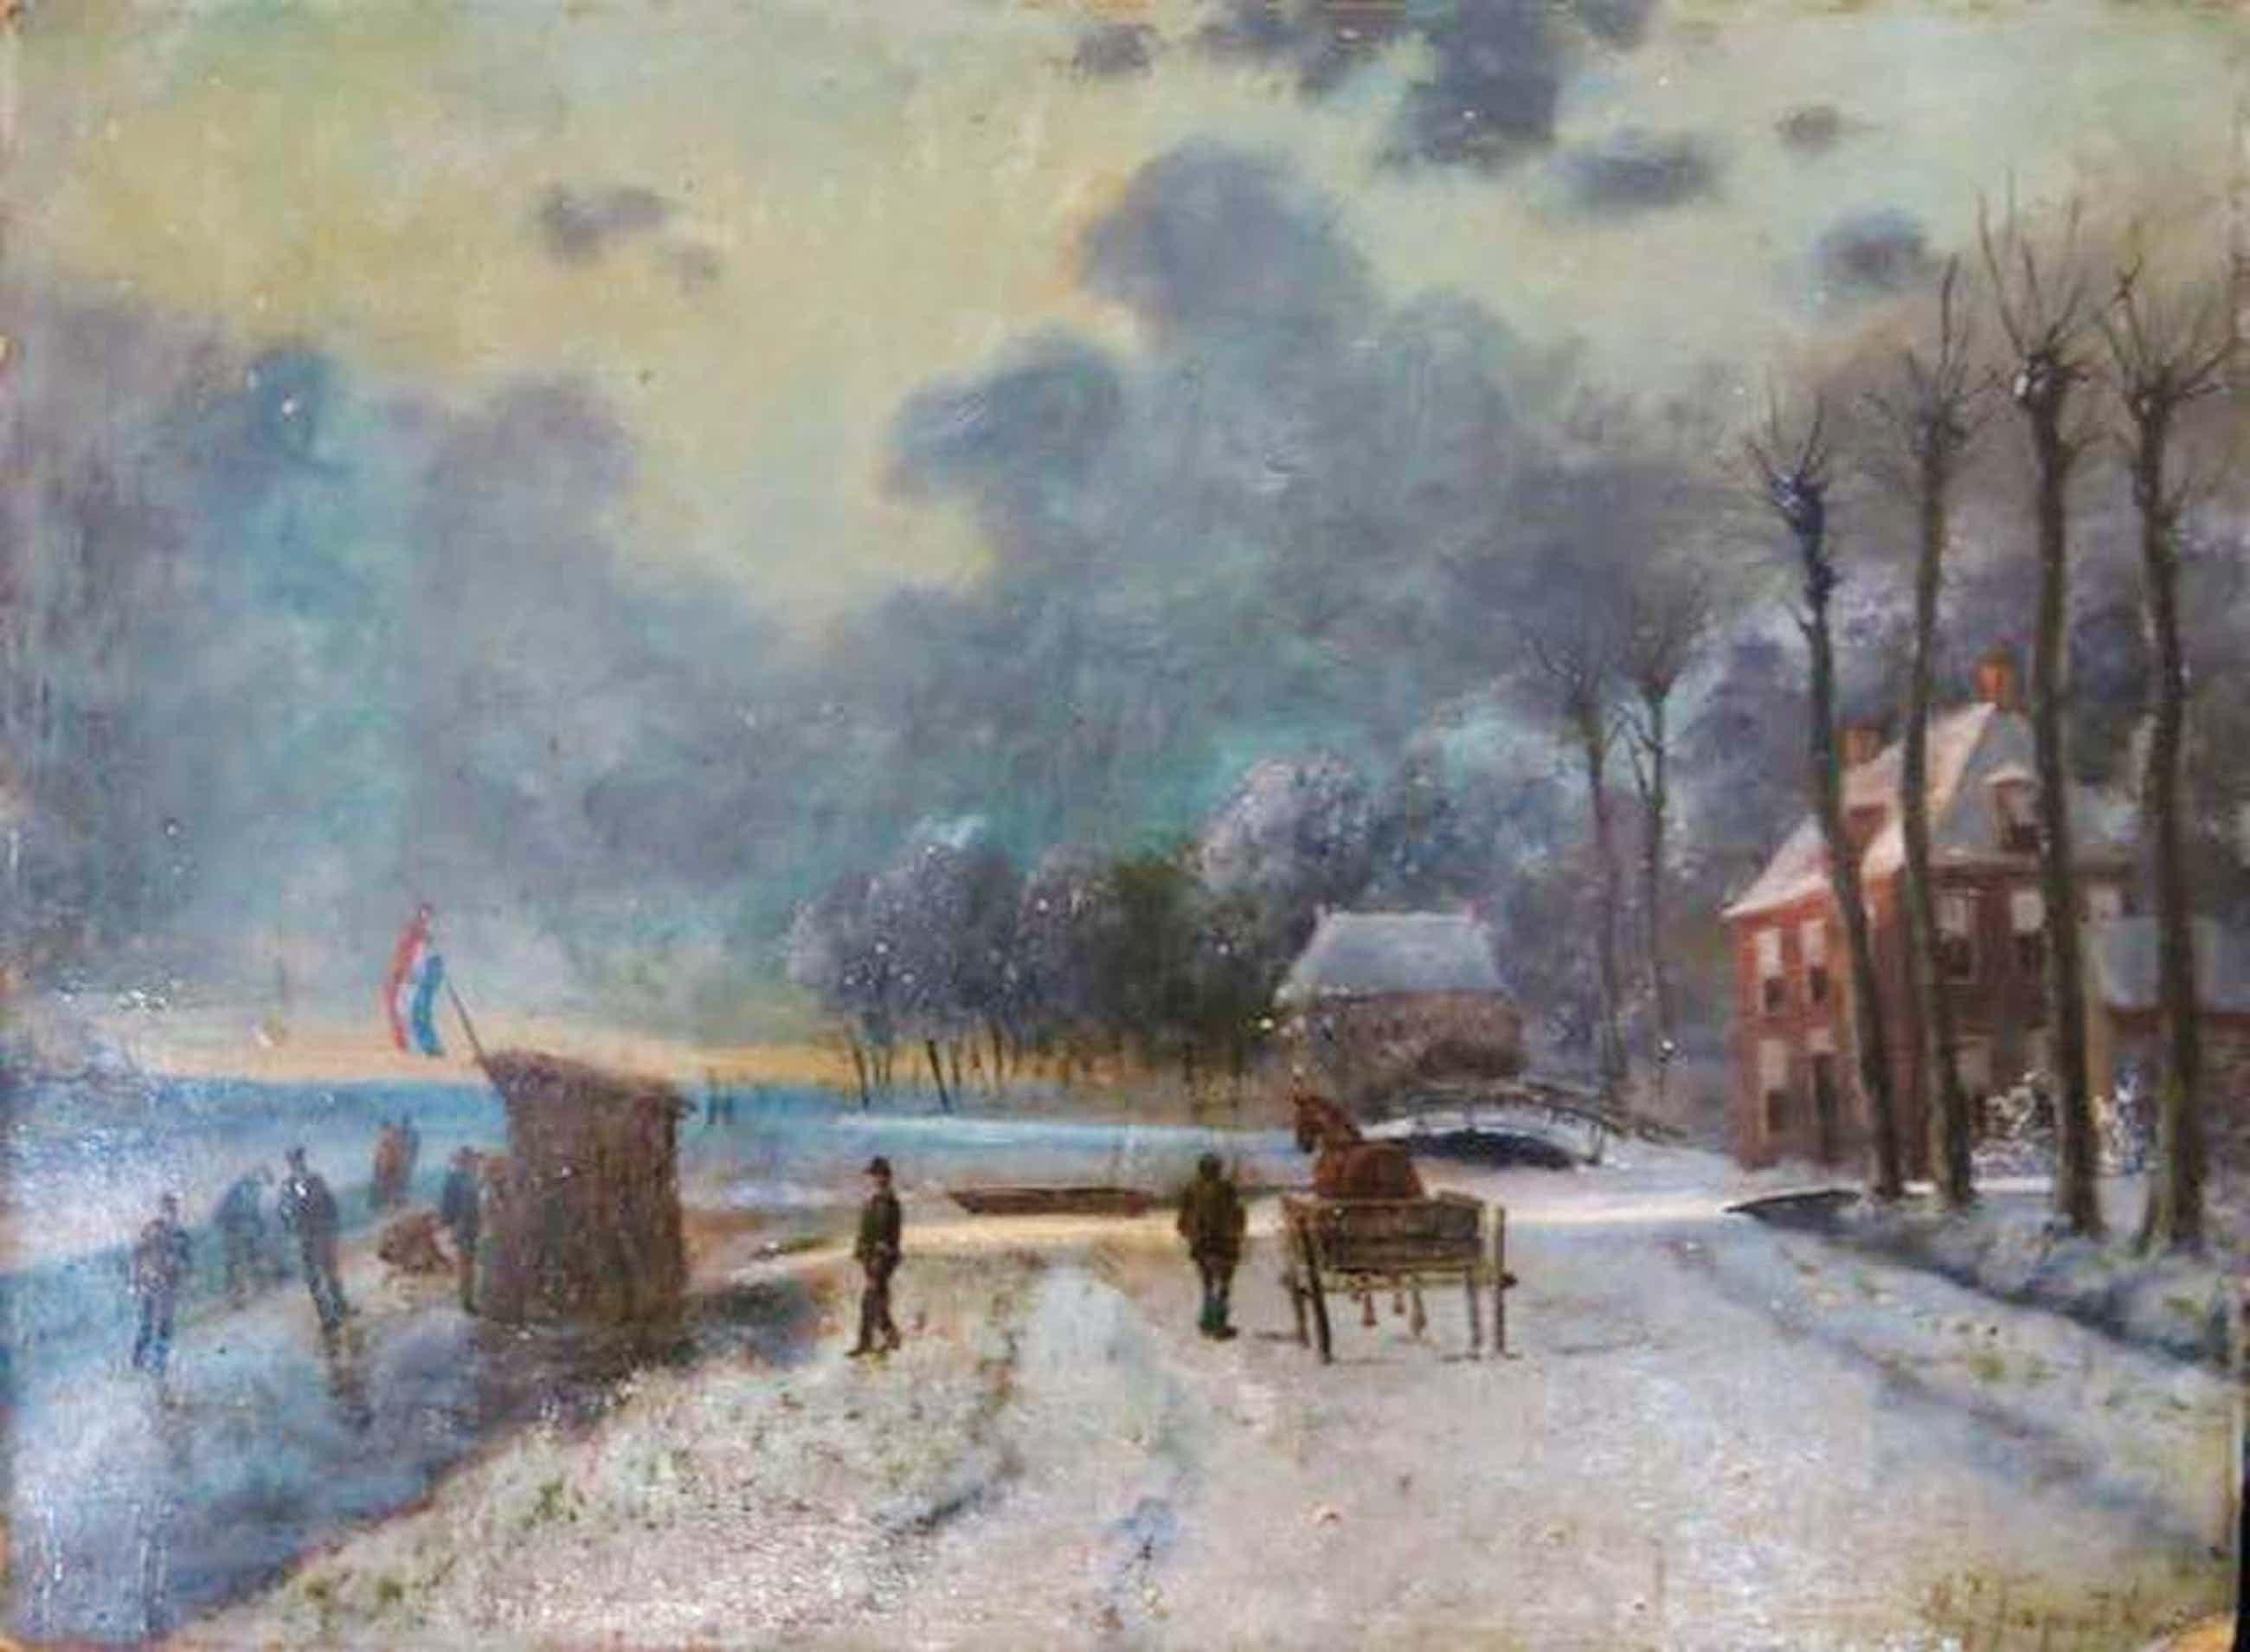 Albertus J. Sap van Drenthe: Olieverf op paneel, Winterlandschap met schaatsers kopen? Bied vanaf 120!